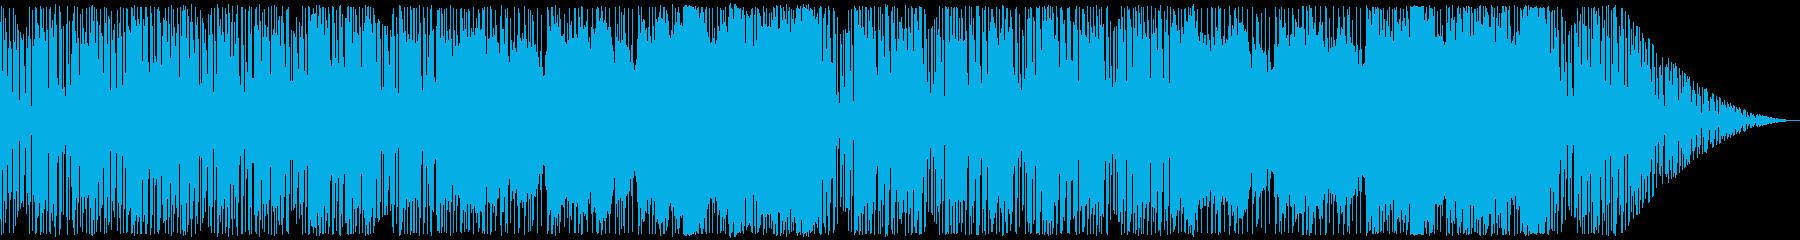 あかるくてシンプル、ポップな曲ですの再生済みの波形